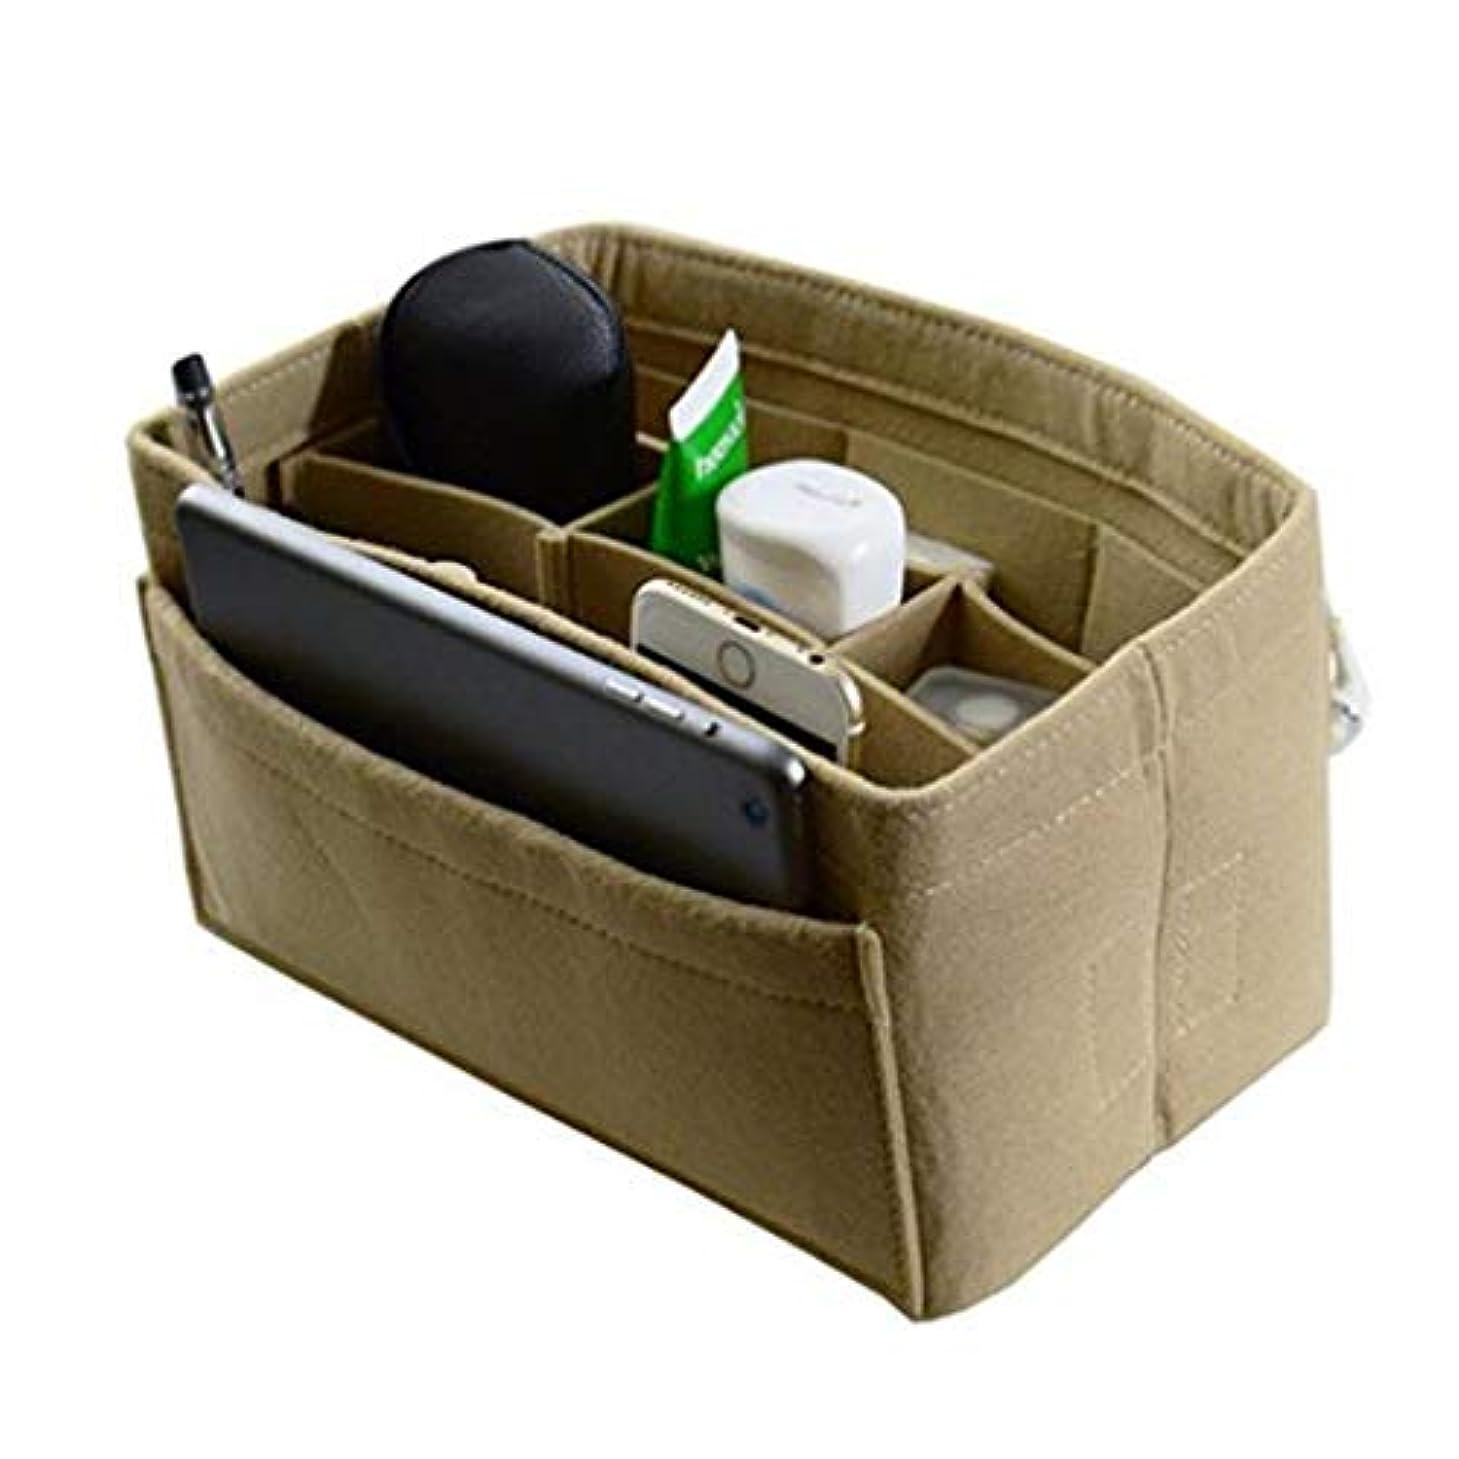 債権者芝生抱擁JIOLK バッグインバッグ 軽量 フェルト収納ボックス 収納力抜群 インナーバッグ メイクバッグ 自立できる 分類ケース 日常小物収納 大容量 多機能 化粧ポーチ 仕分け